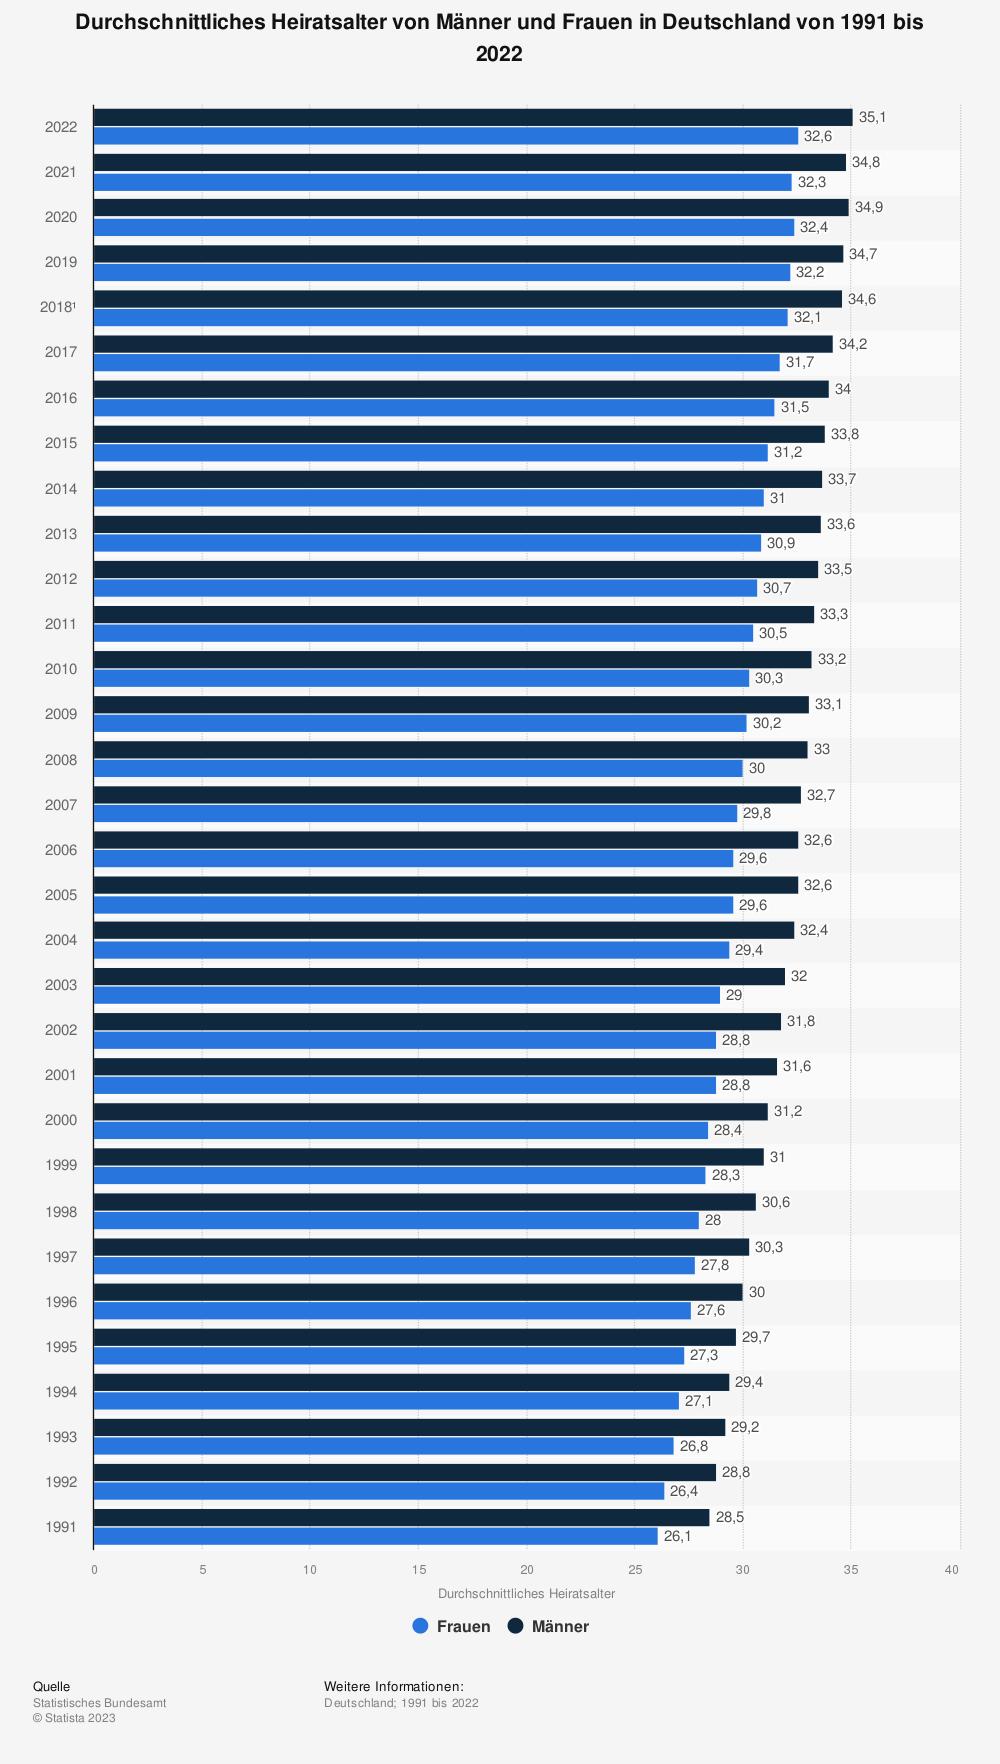 Statistik: Durchschnittliches Alter bei der Eheschließung in Deutschland in den Jahren 1991 und 2008 nach Geschlecht | Statista